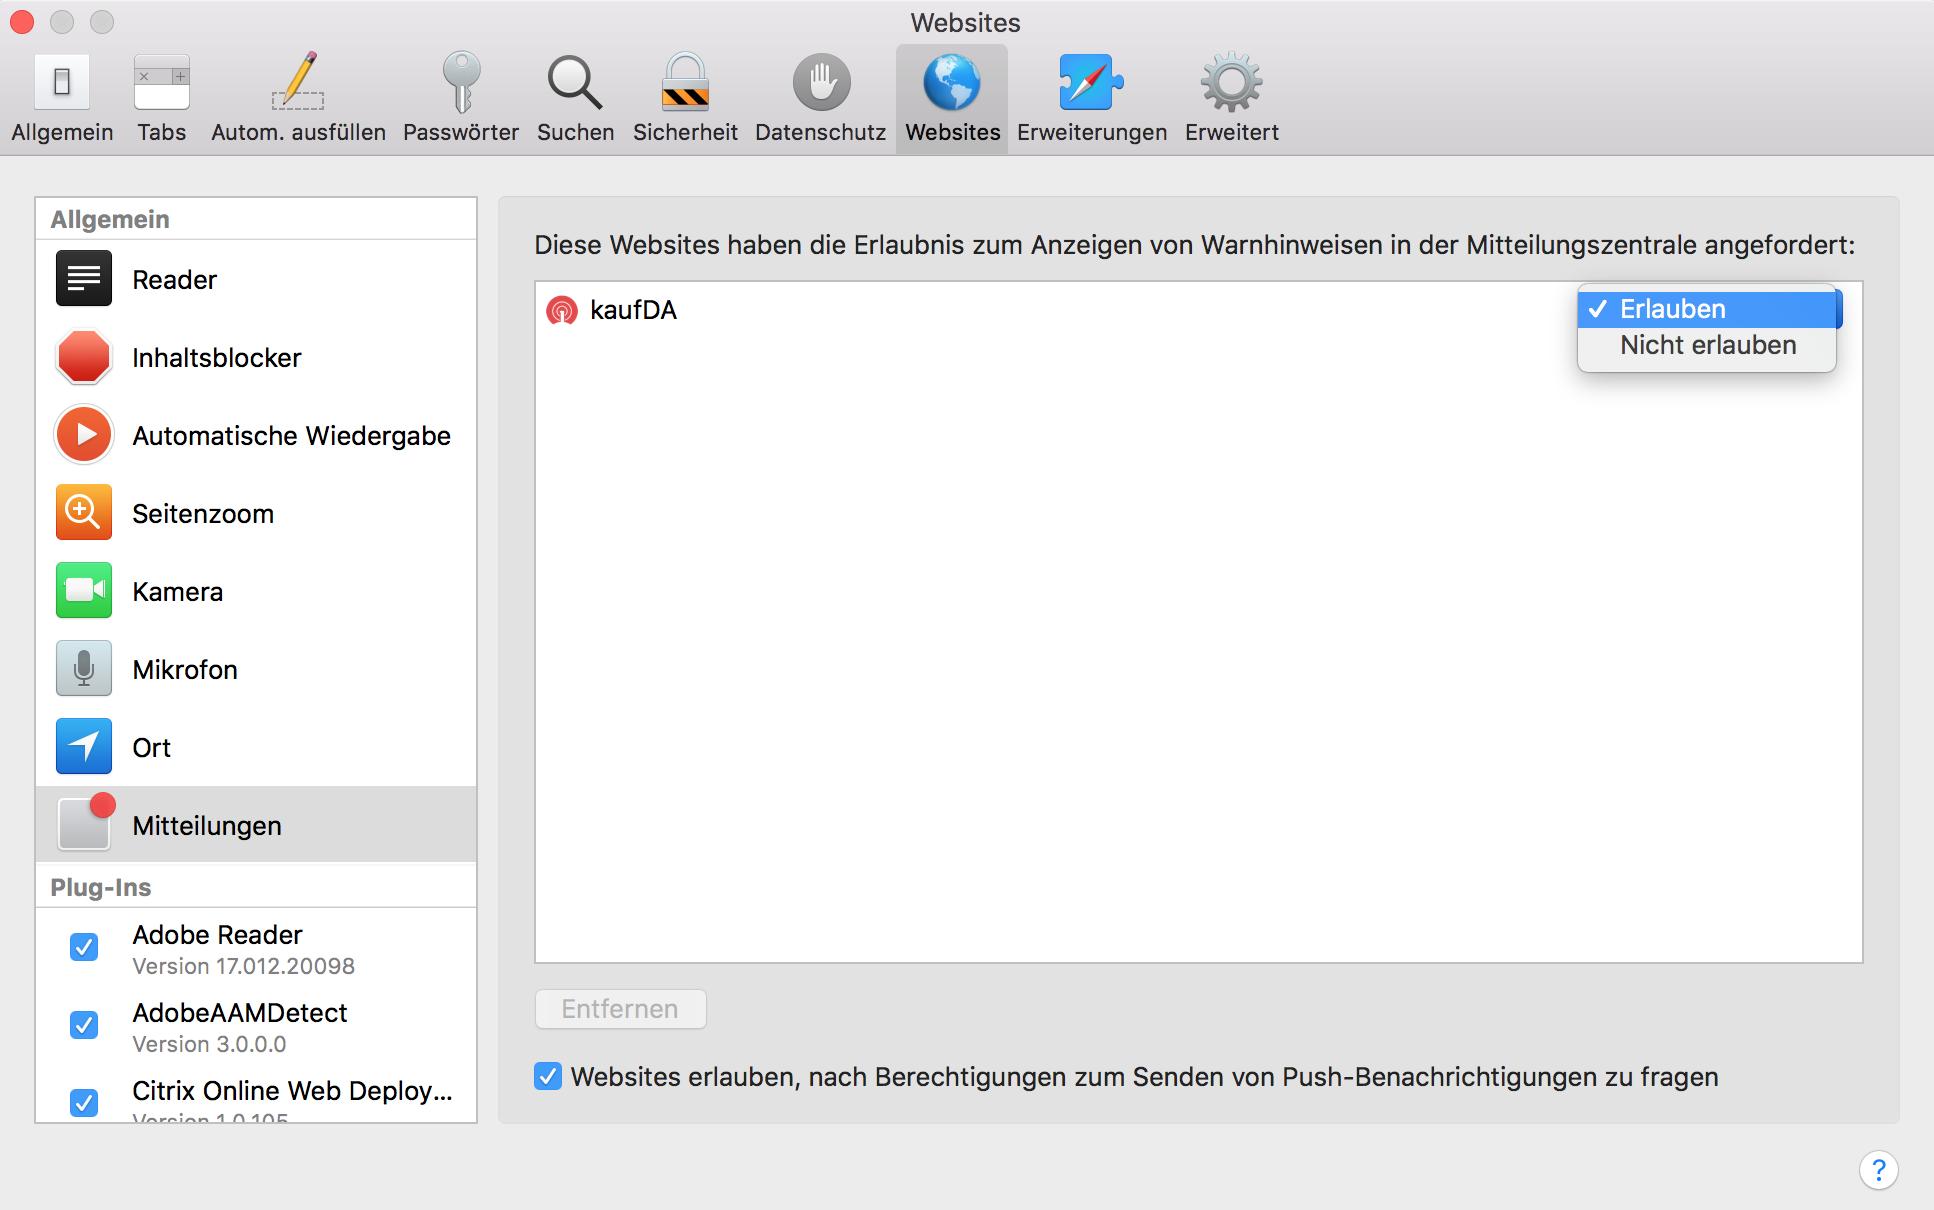 Webbenachrichtungen_ausstellen_Safari_browser.png